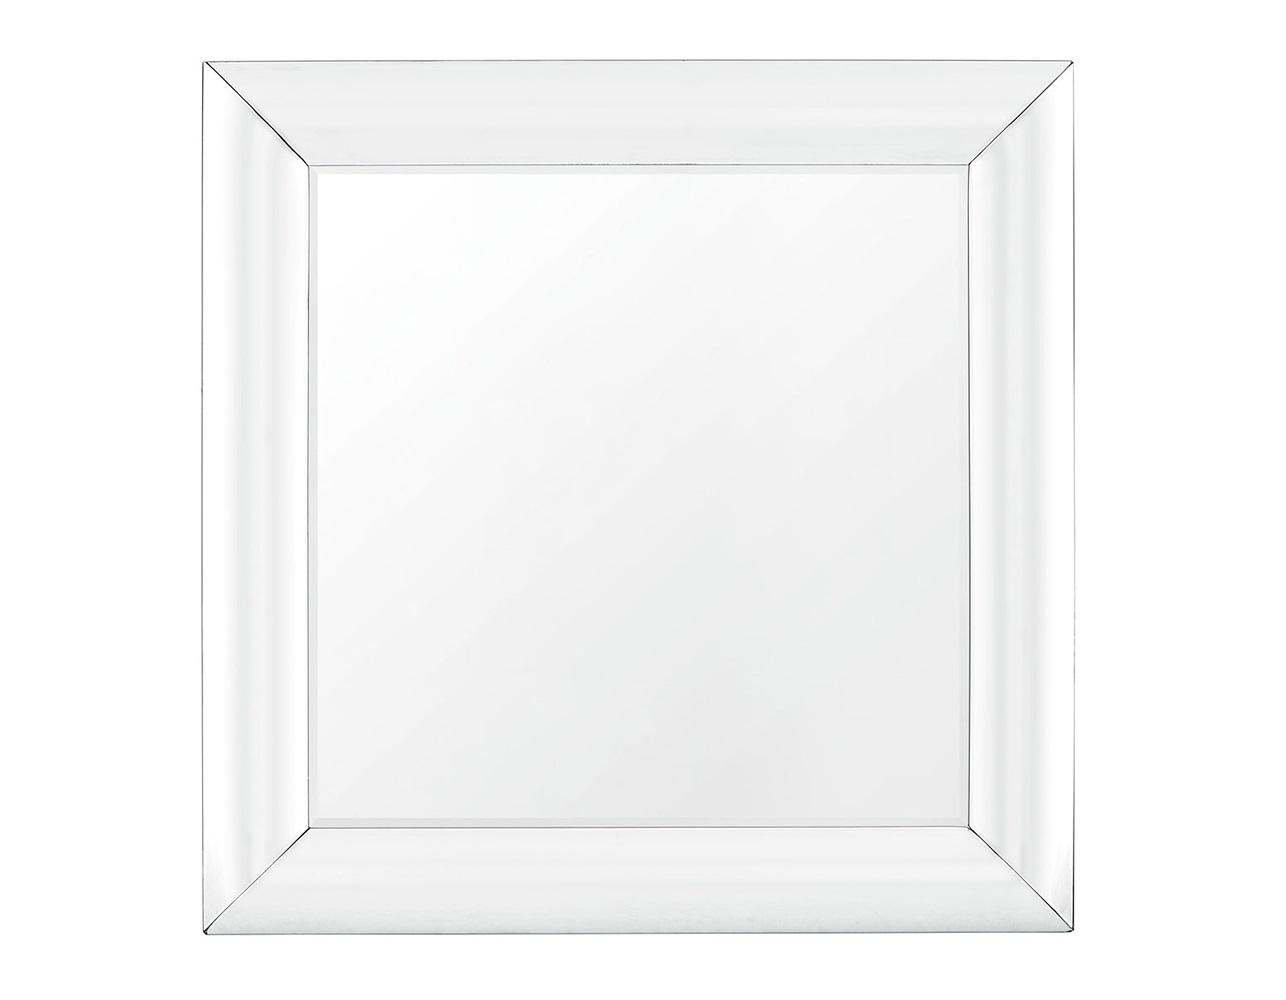 ЗеркалоНастенные зеркала<br>Зеркало Mirror Cipullo в выпуклой зеркальной раме.<br><br>Material: Стекло<br>Ширина см: 100.0<br>Высота см: 100.0